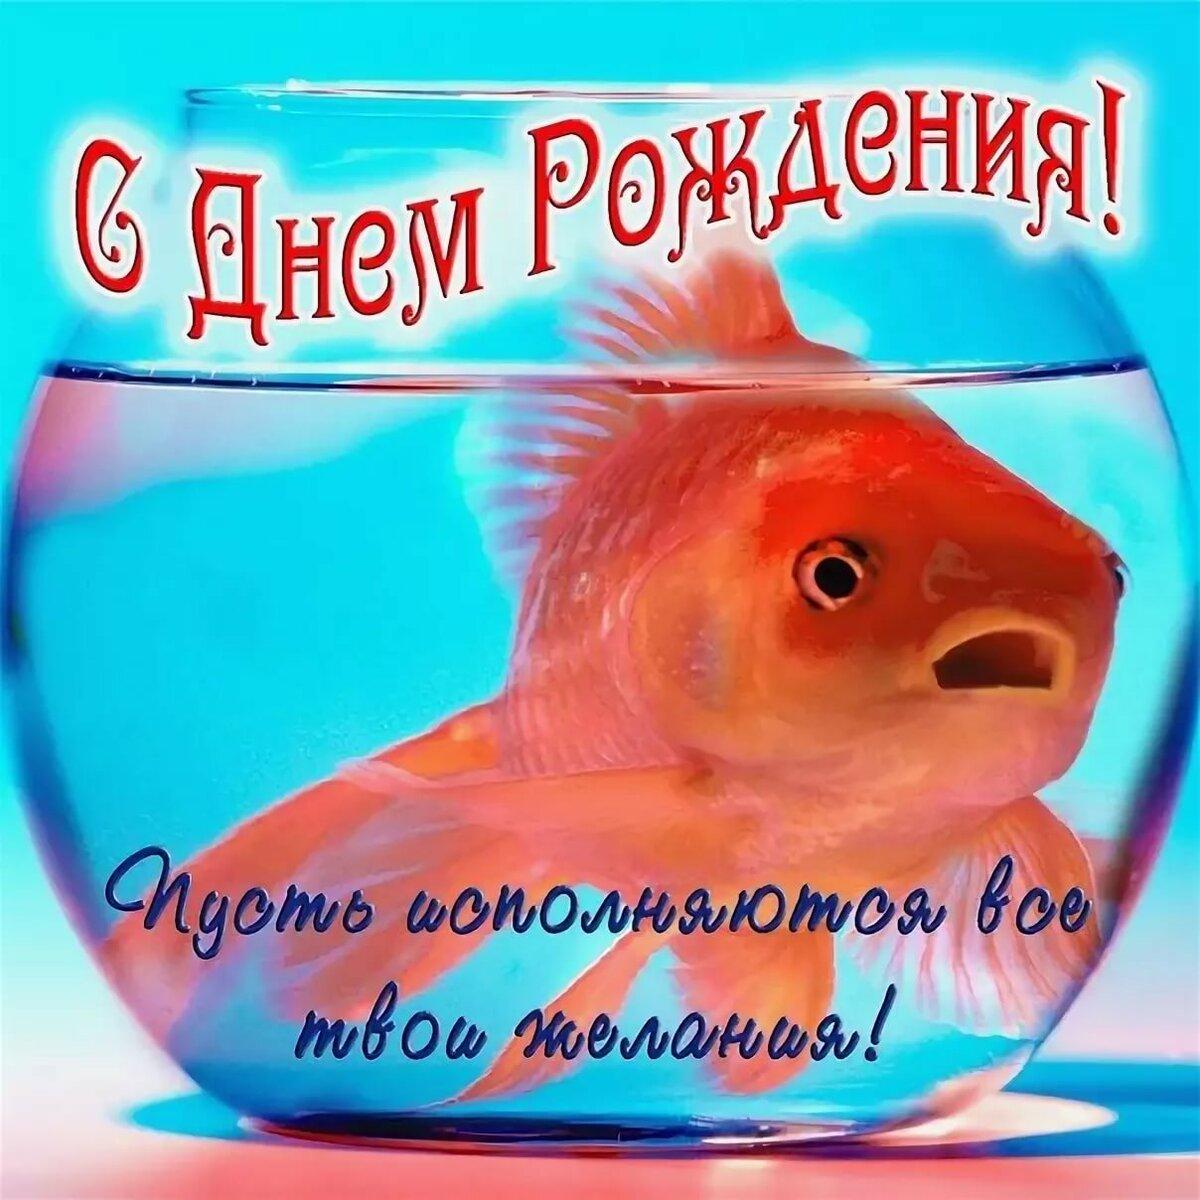 уютный паша с днем рождения картинки прикольные рыба изменила выкройку